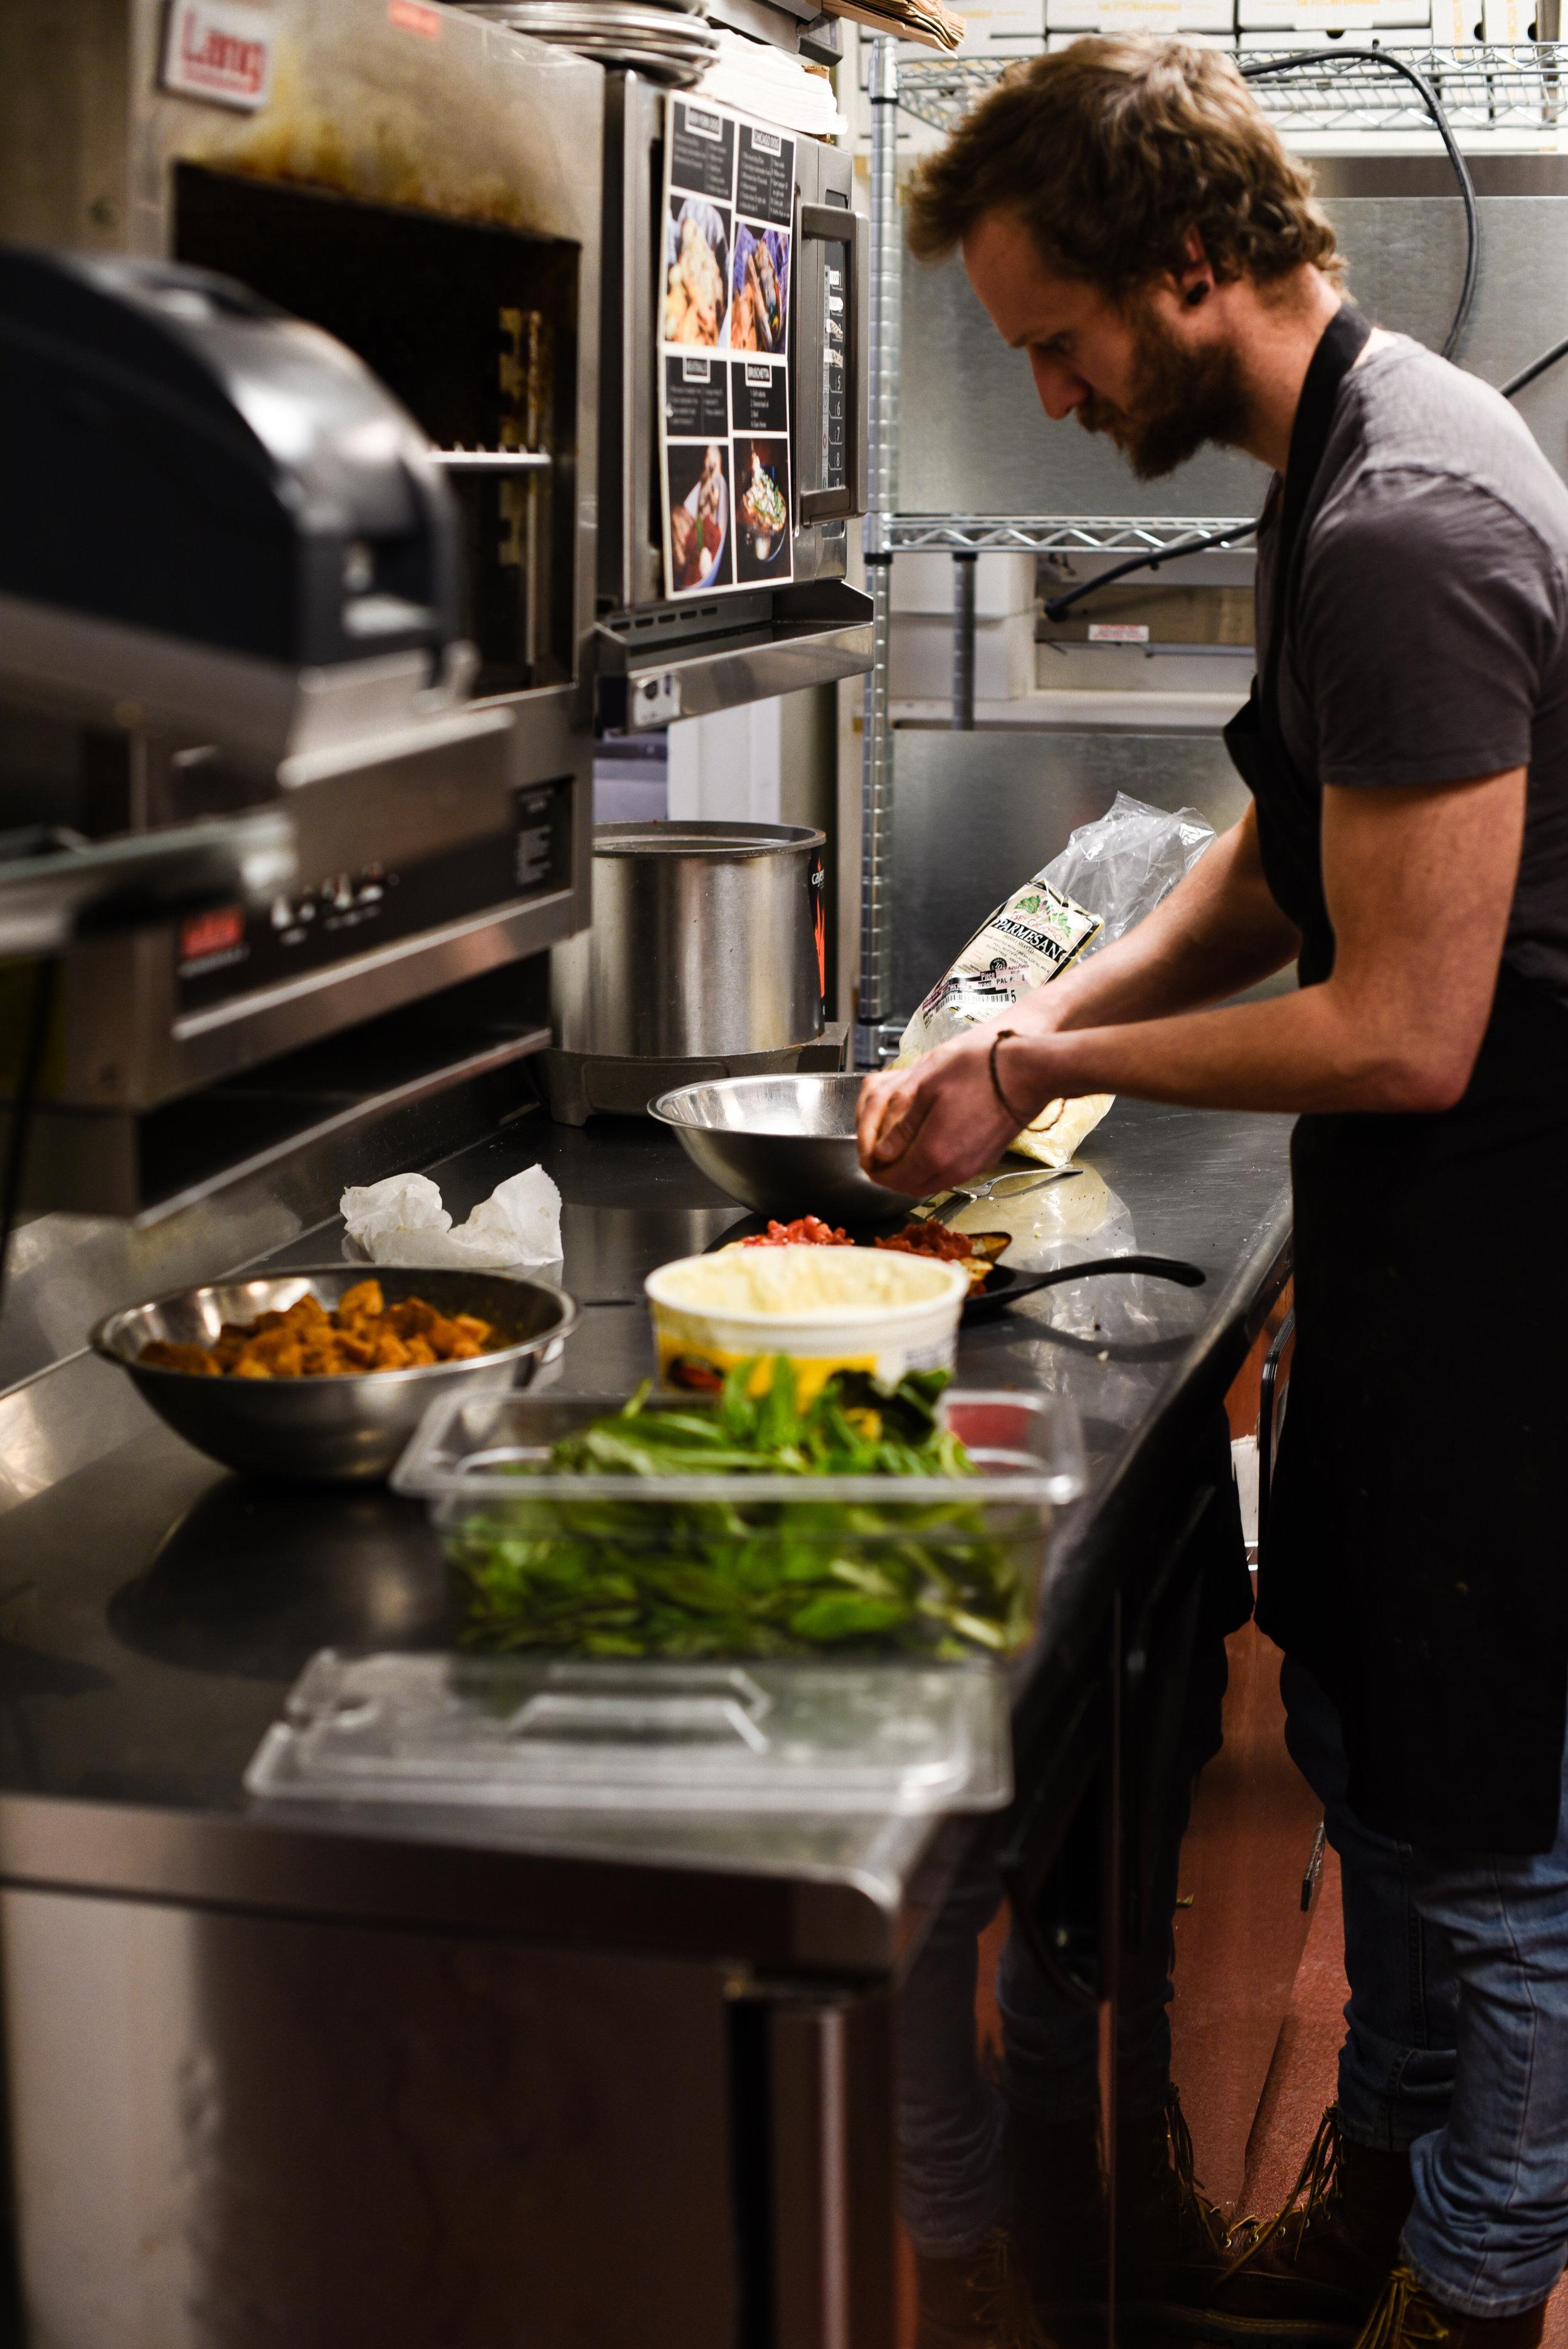 Chef Preparing Dish in Kitchen